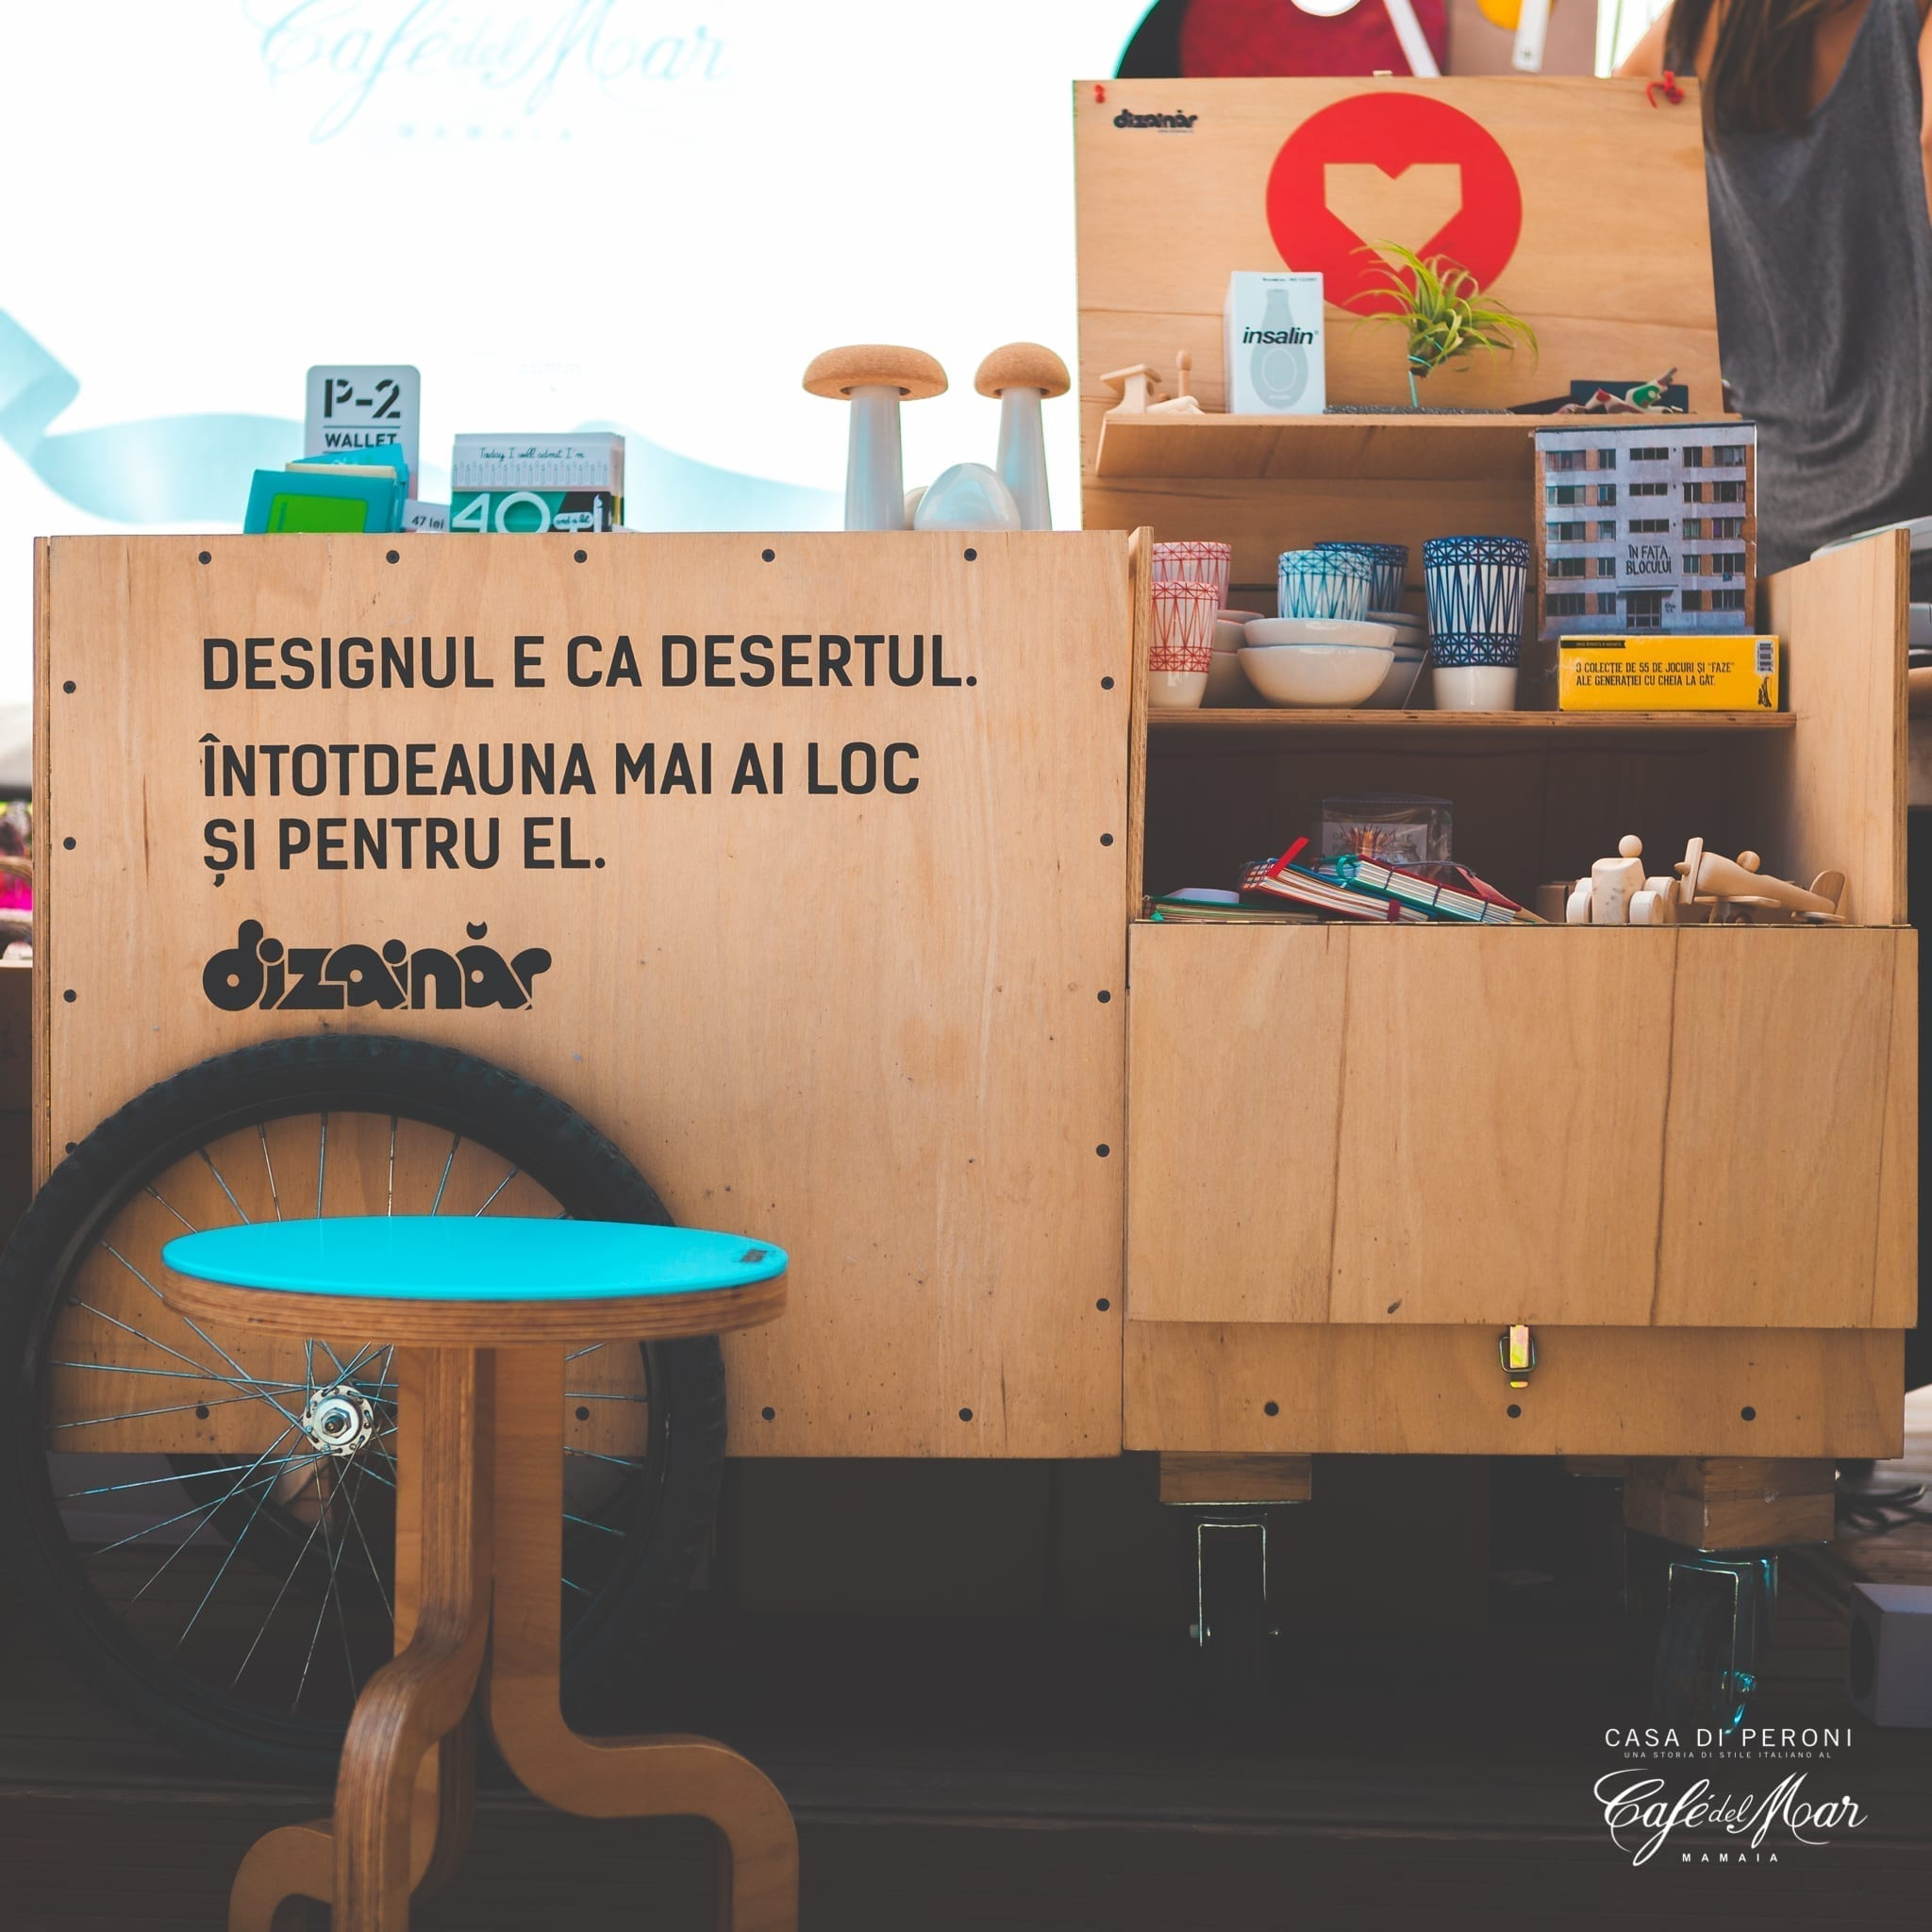 Targ de design Dizainar